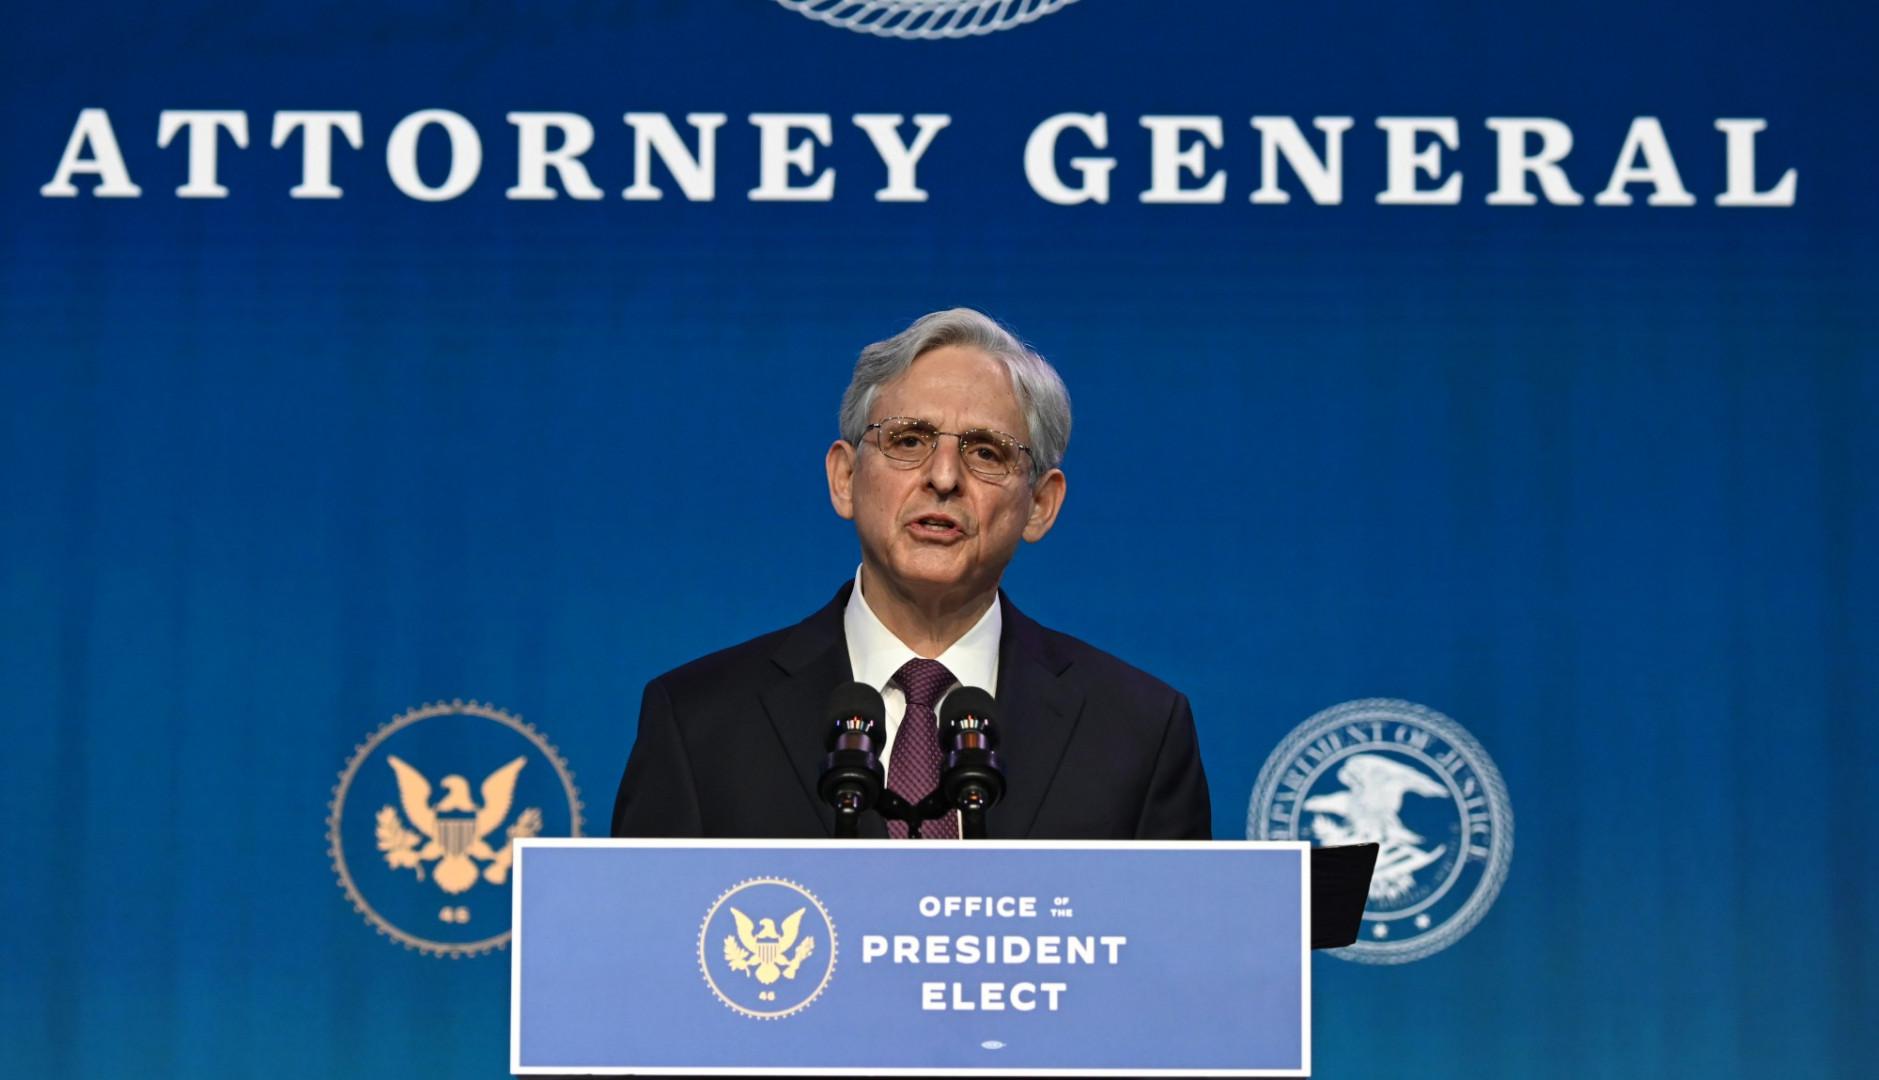 Merrick Garland, un progressiste modéré, a été choisi pour diriger le ministère de la Justice. À 68 ans, cet ancien chef de la cour d'appel de Washington avait été proposé en 2016 par Obama pour la Cour suprême.